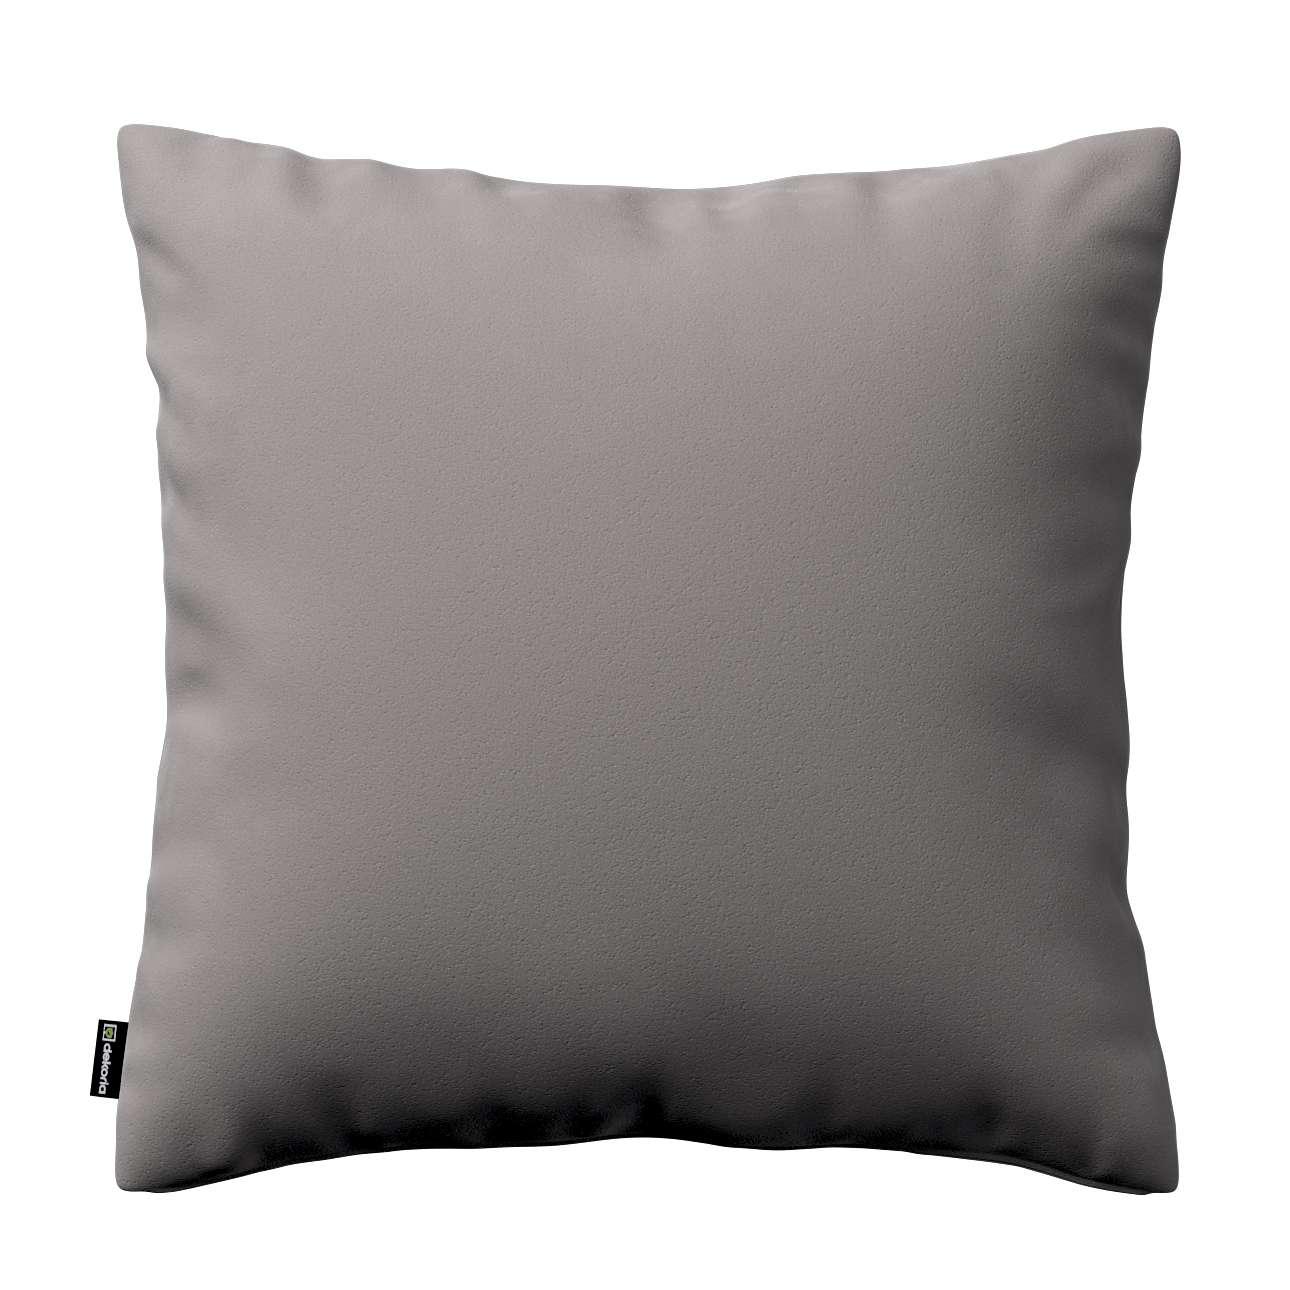 Kissenhülle Kinga, grau, 50 × 50 cm, Velvet